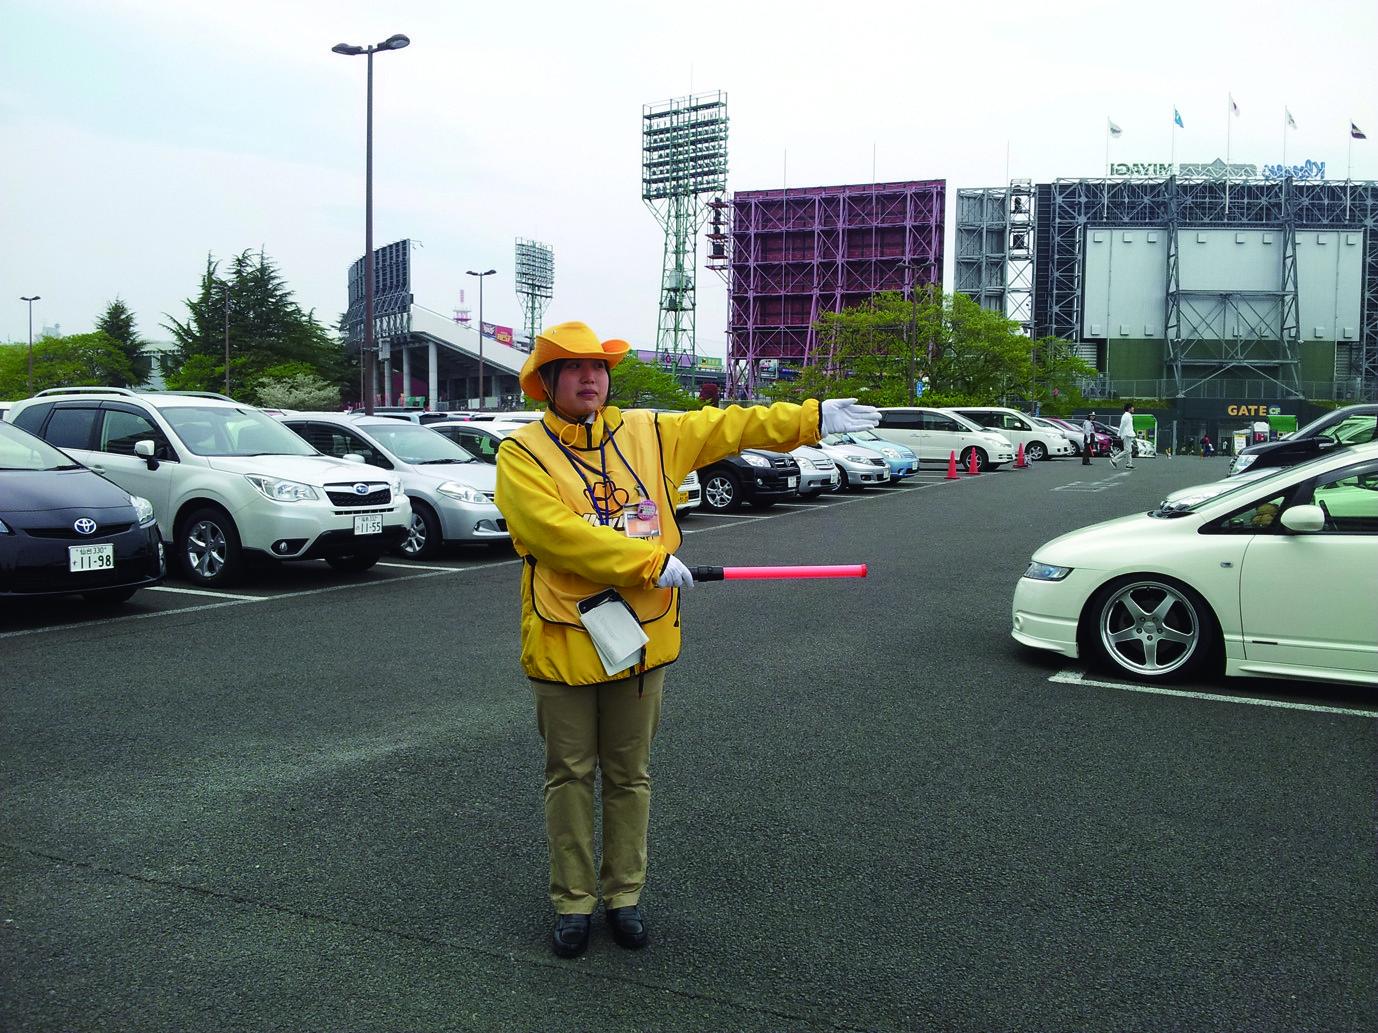 車両誘導スタッフ 花巻市エリア 東洋ワークセキュリティ株式会社 一関営業所のイメージ